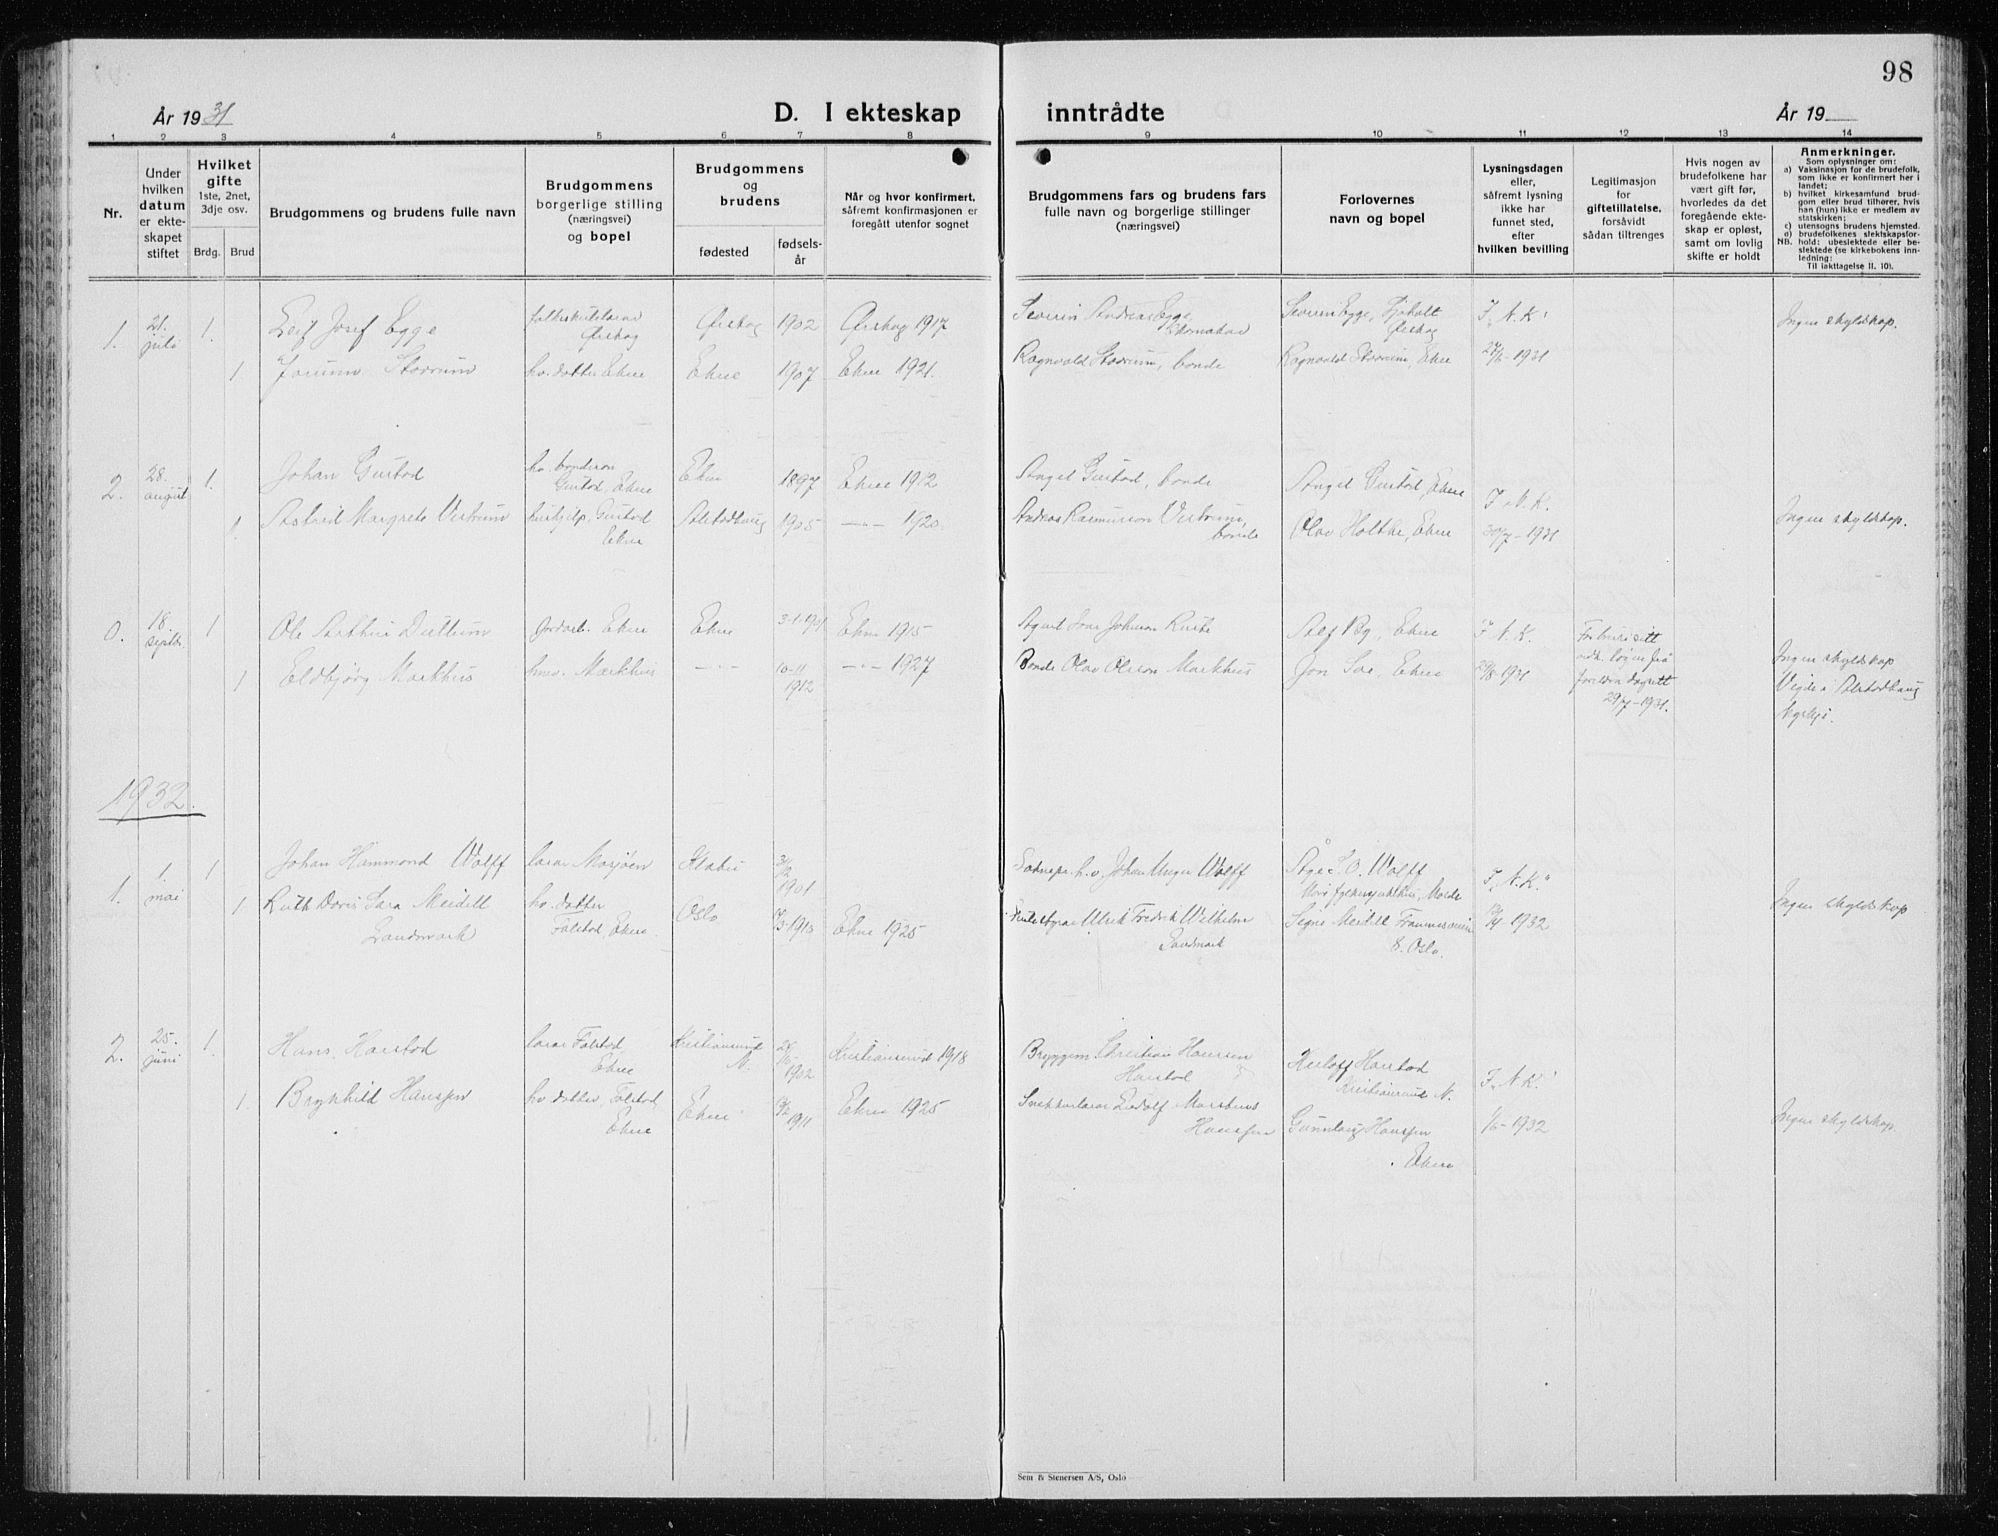 SAT, Ministerialprotokoller, klokkerbøker og fødselsregistre - Nord-Trøndelag, 719/L0180: Klokkerbok nr. 719C01, 1878-1940, s. 98